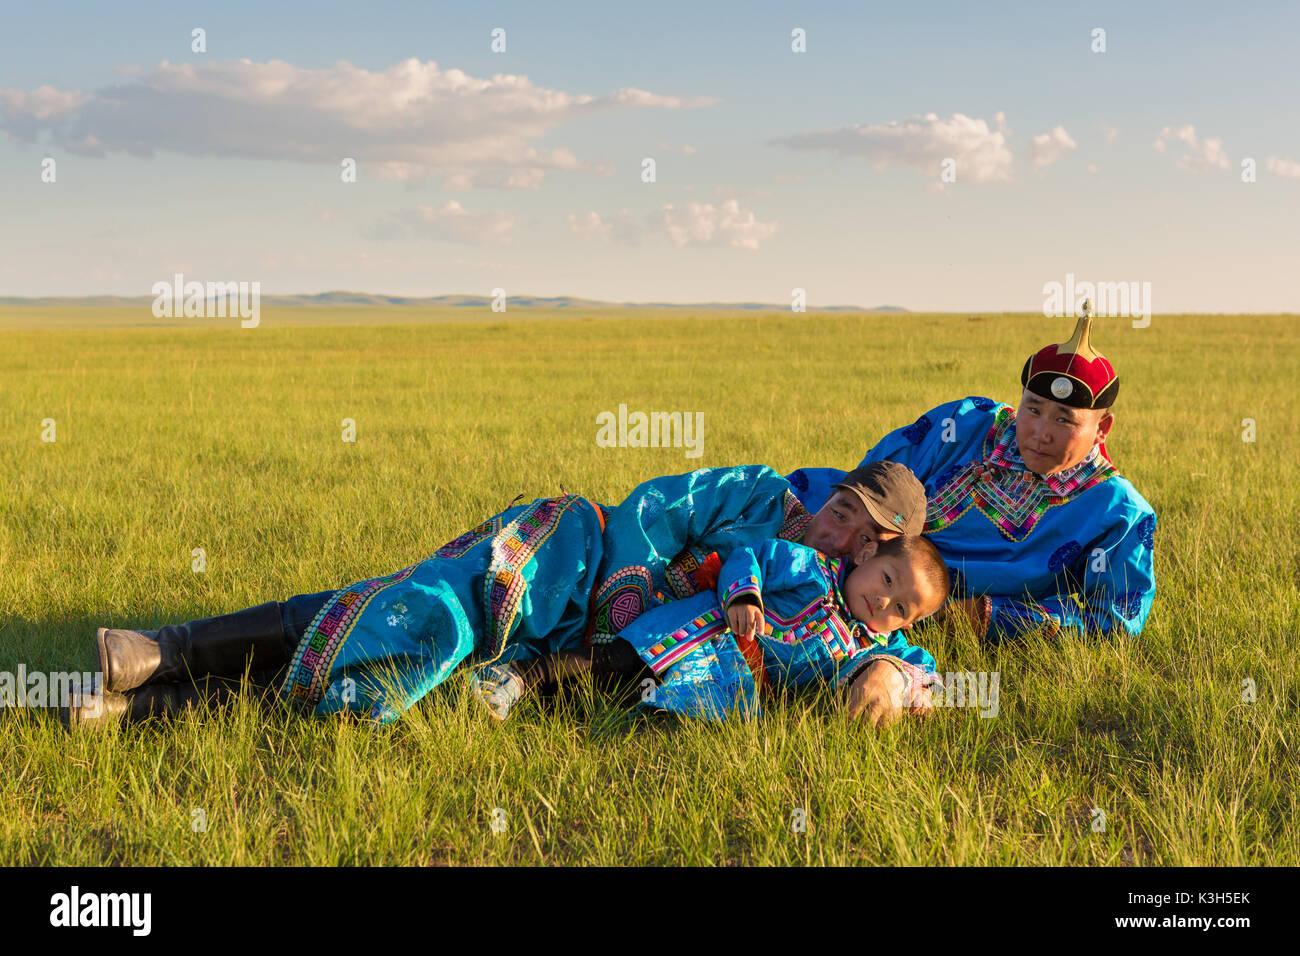 En Mongolie intérieure, Chine-juillet 30, 2017: la famille mongole nomade avec leurs robes colorées près de leur maison à la prairie immense du pays Photo Stock